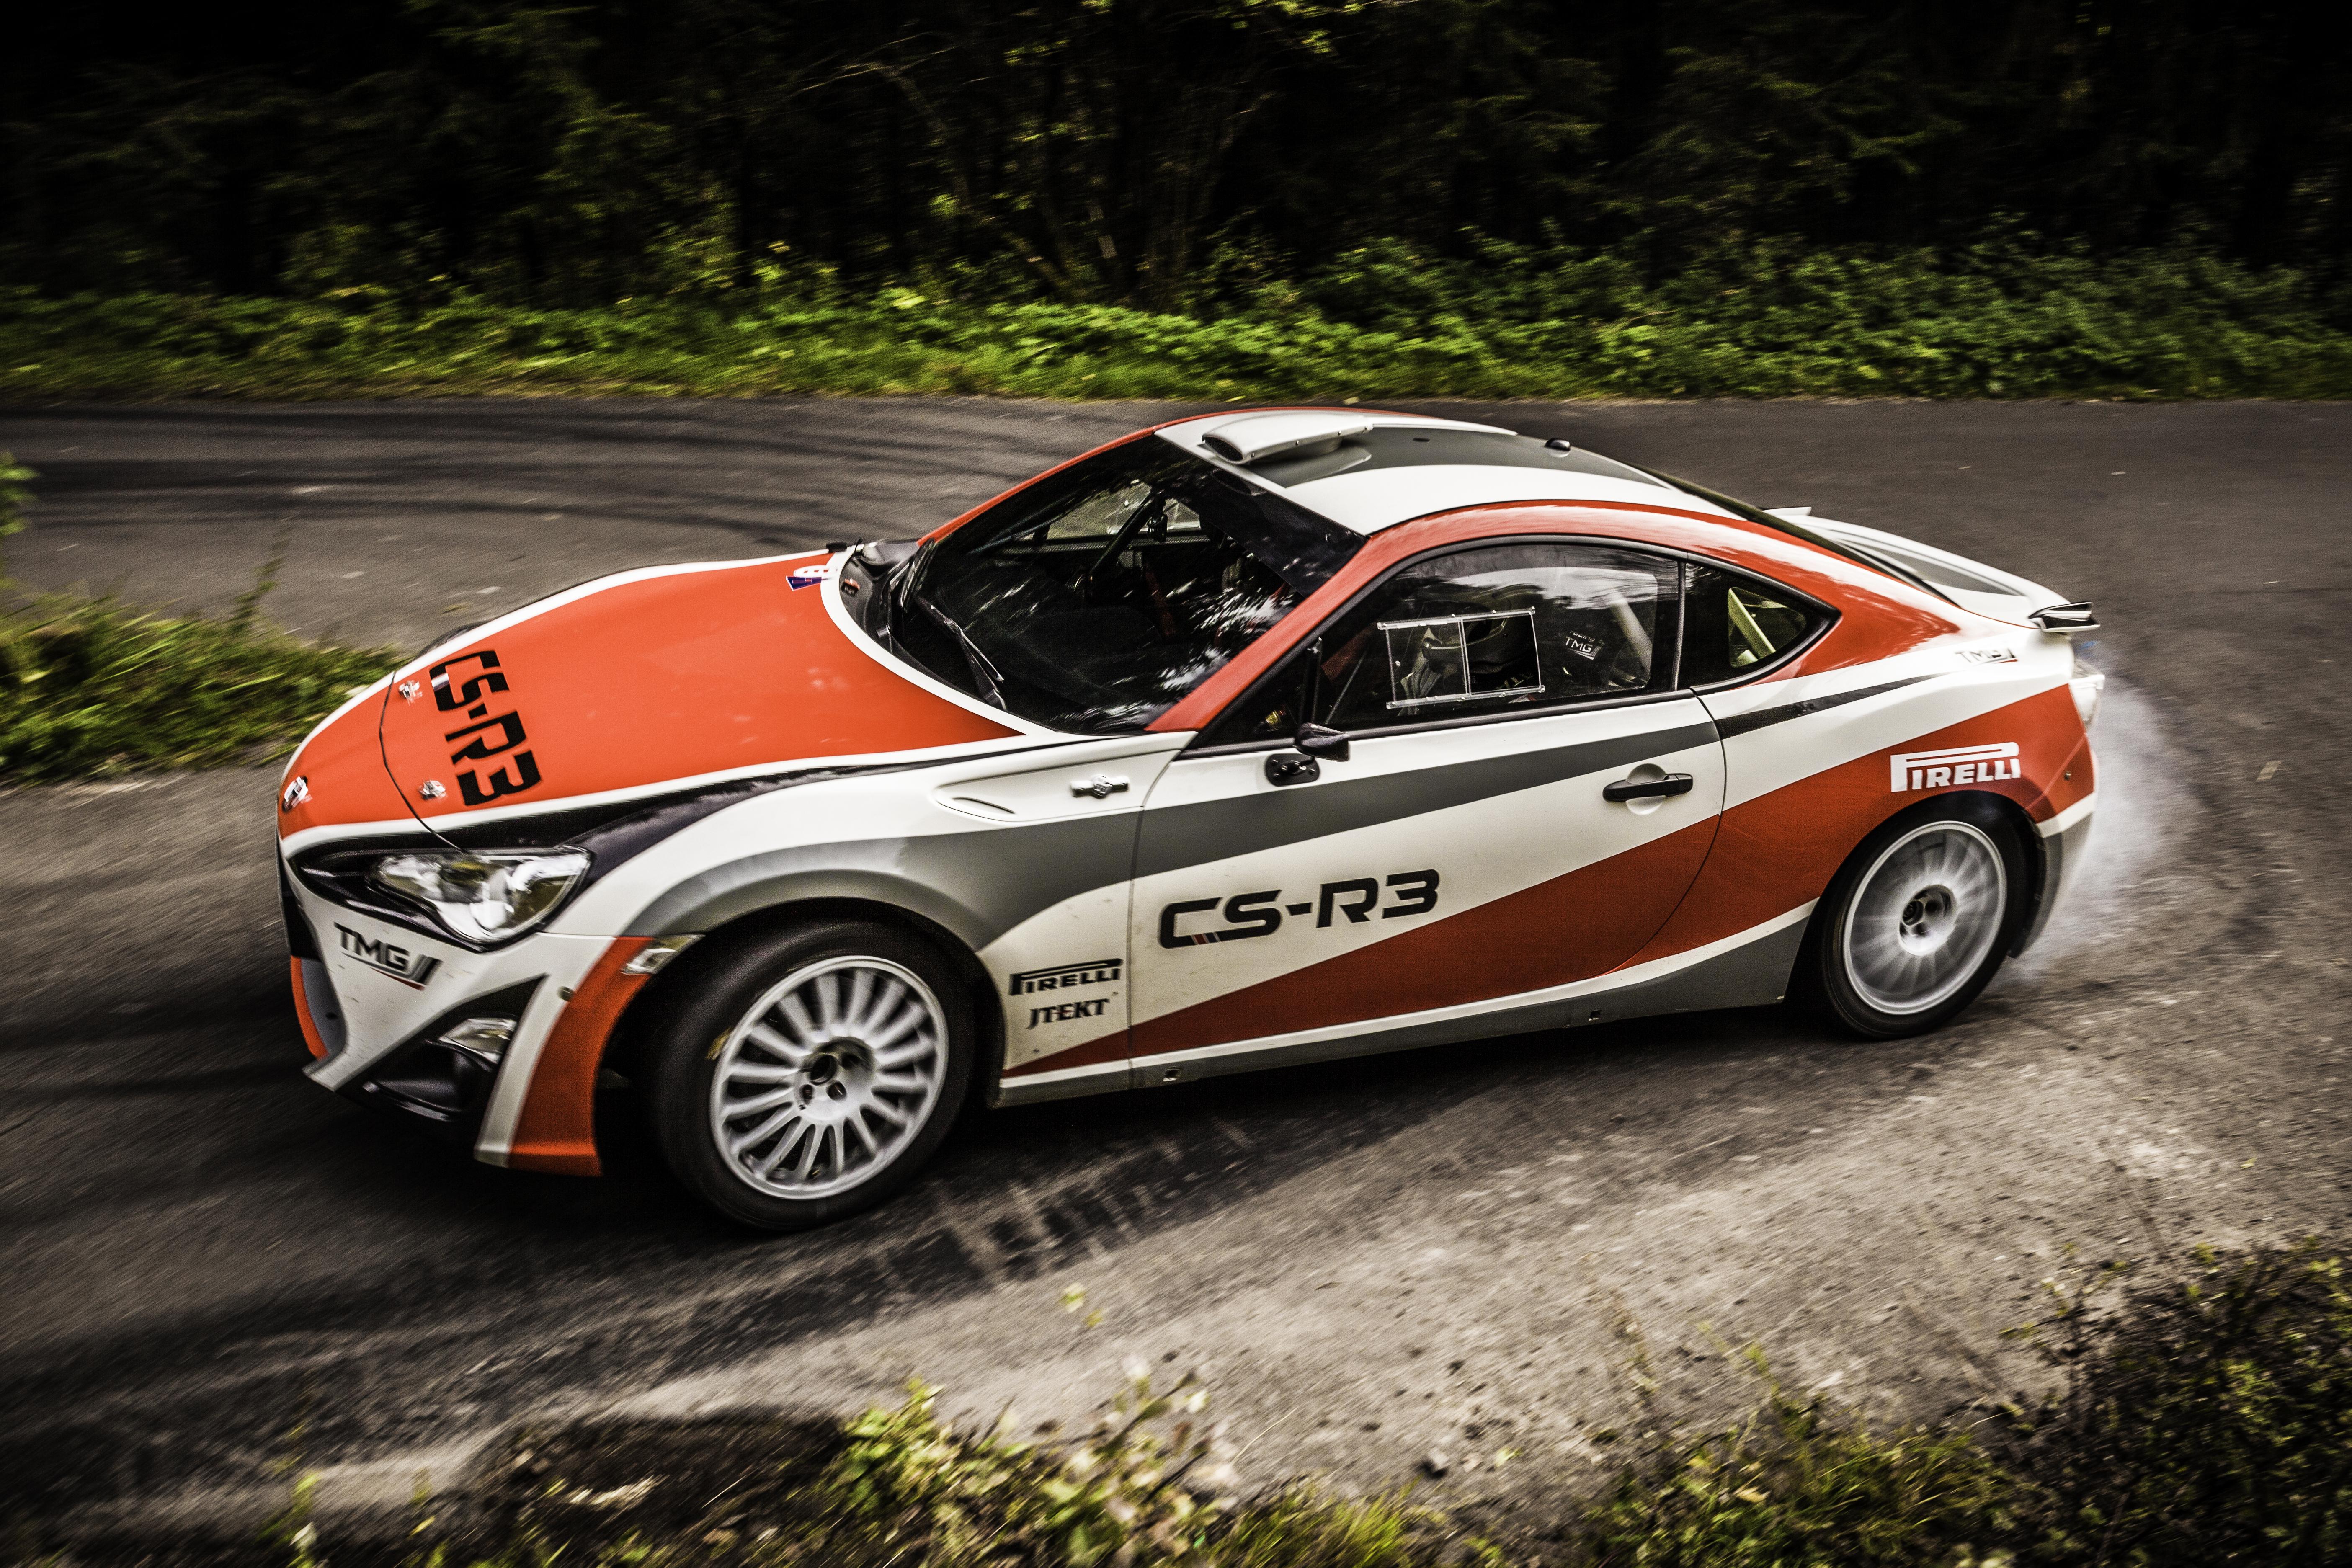 Toyota GT86 CS-R3: consegne rimandate